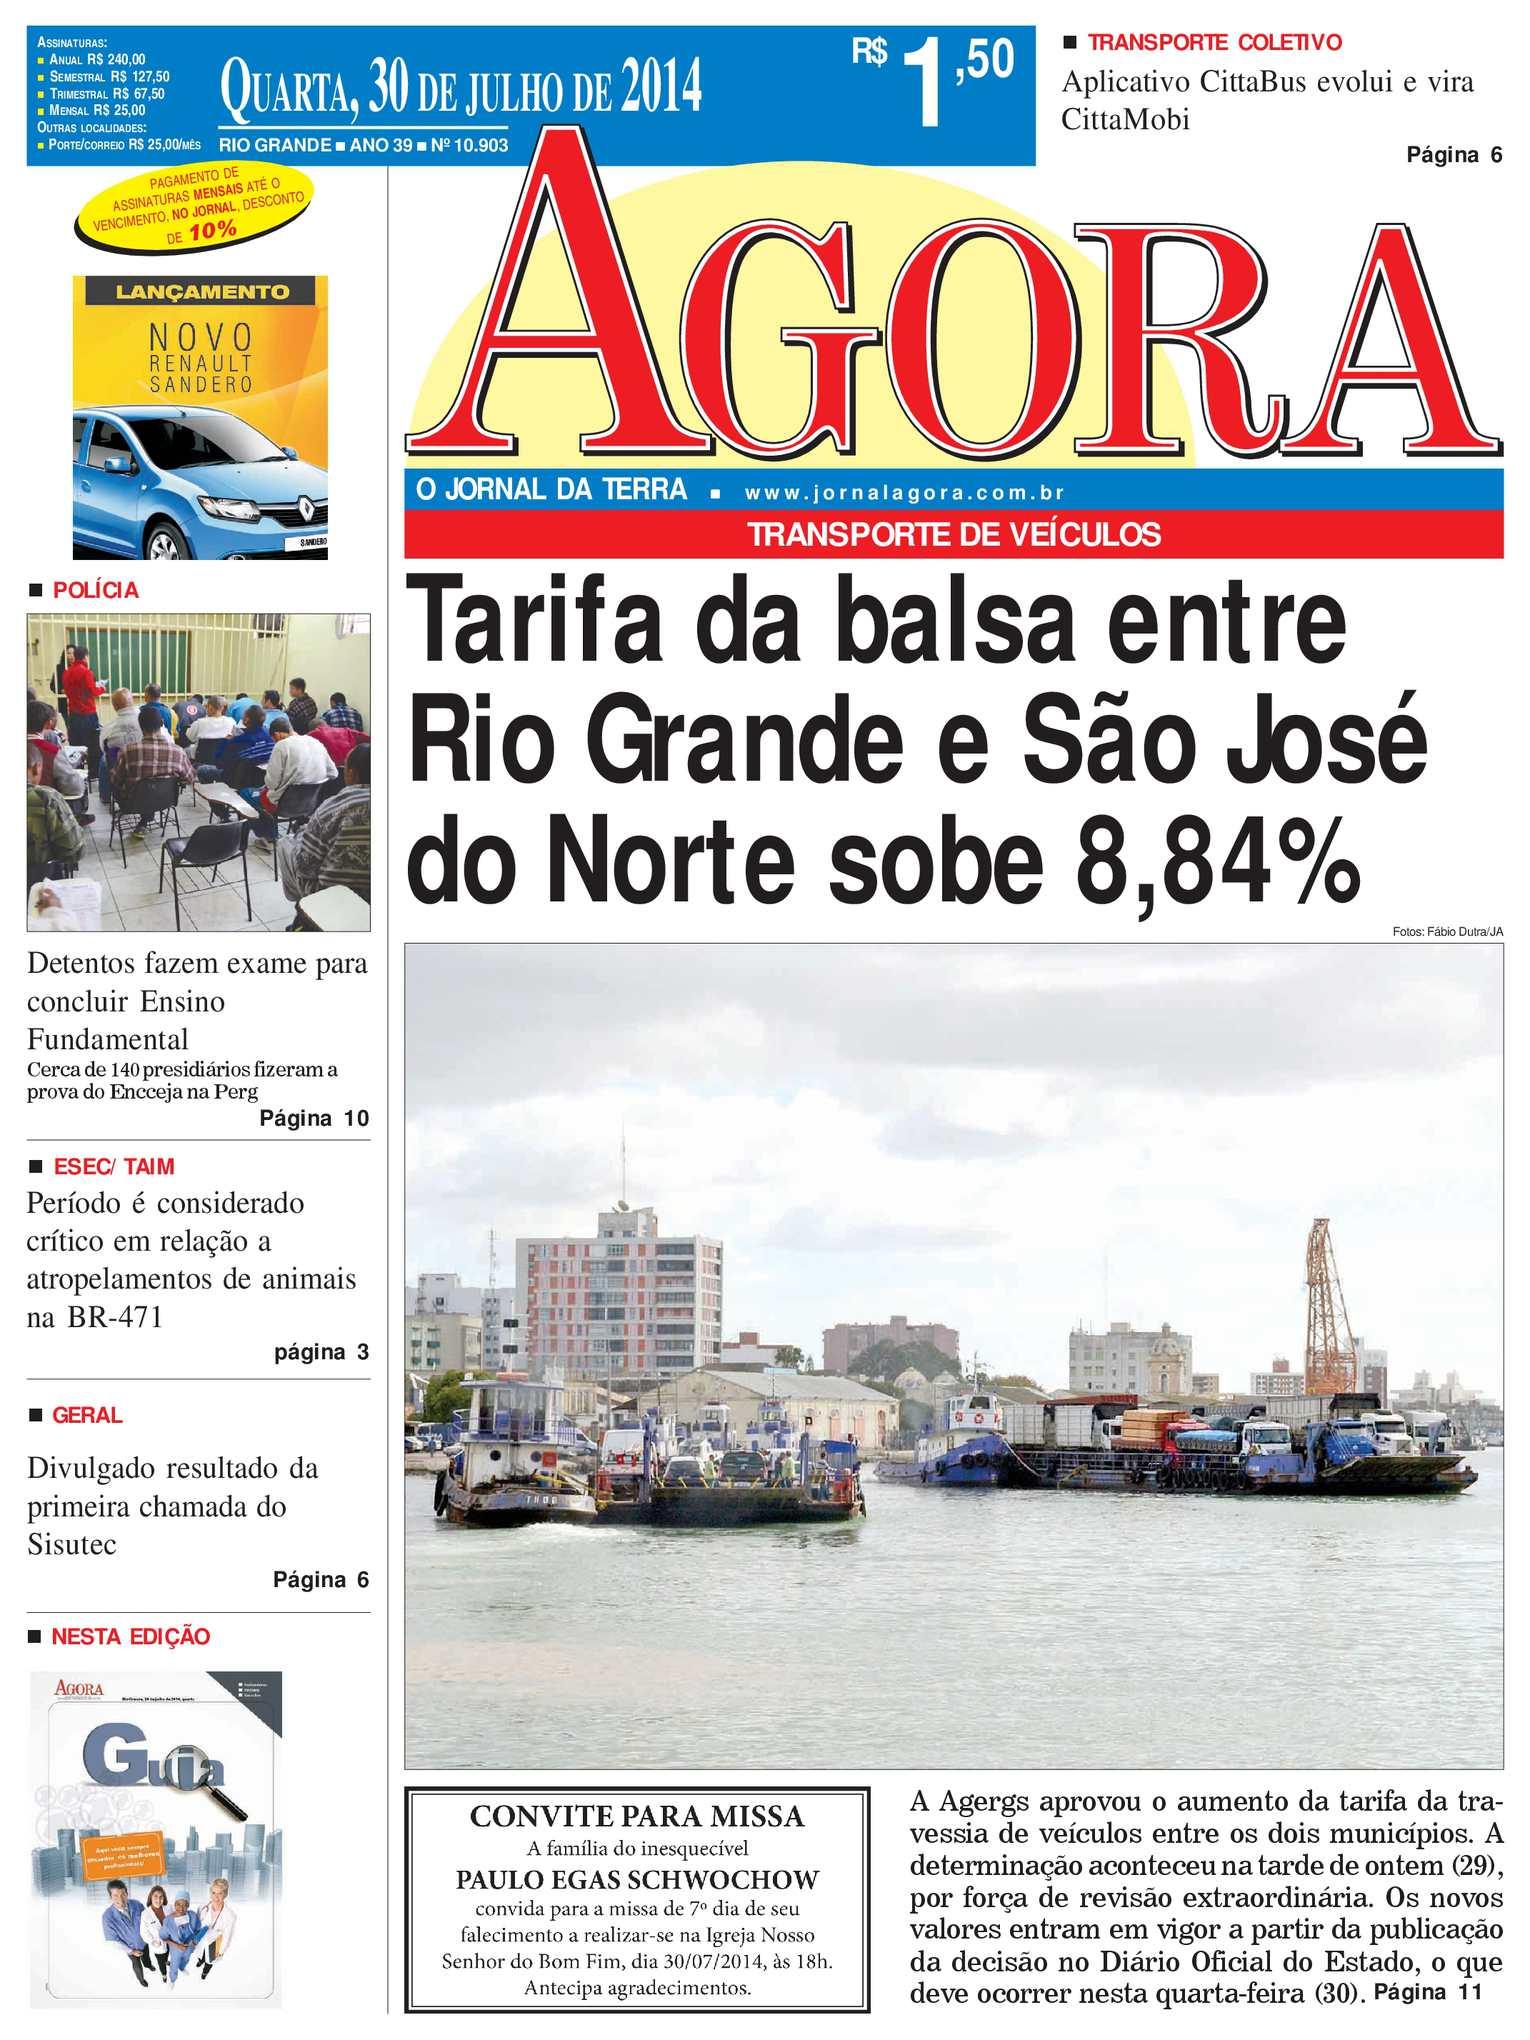 Calaméo - Jornal Agora - Edição 10903 - 30 de julho de 2014 e6d674007436c